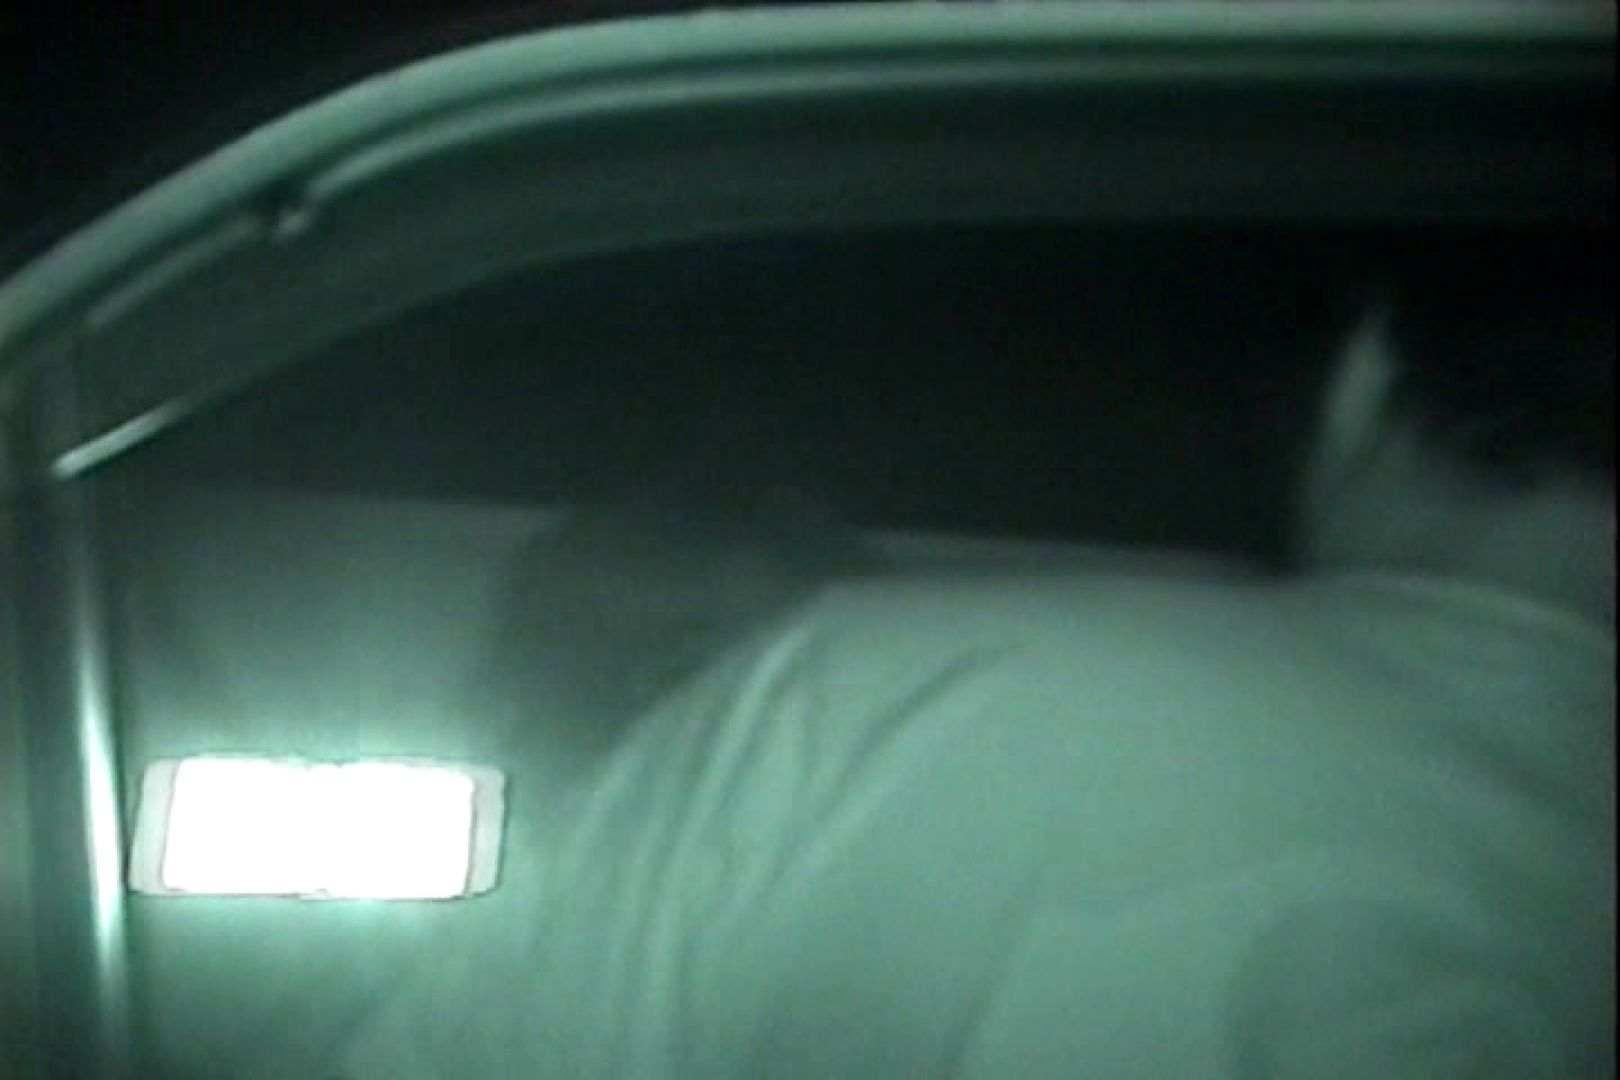 充血監督の深夜の運動会Vol.144 OLセックス 盗撮ワレメ無修正動画無料 100画像 22